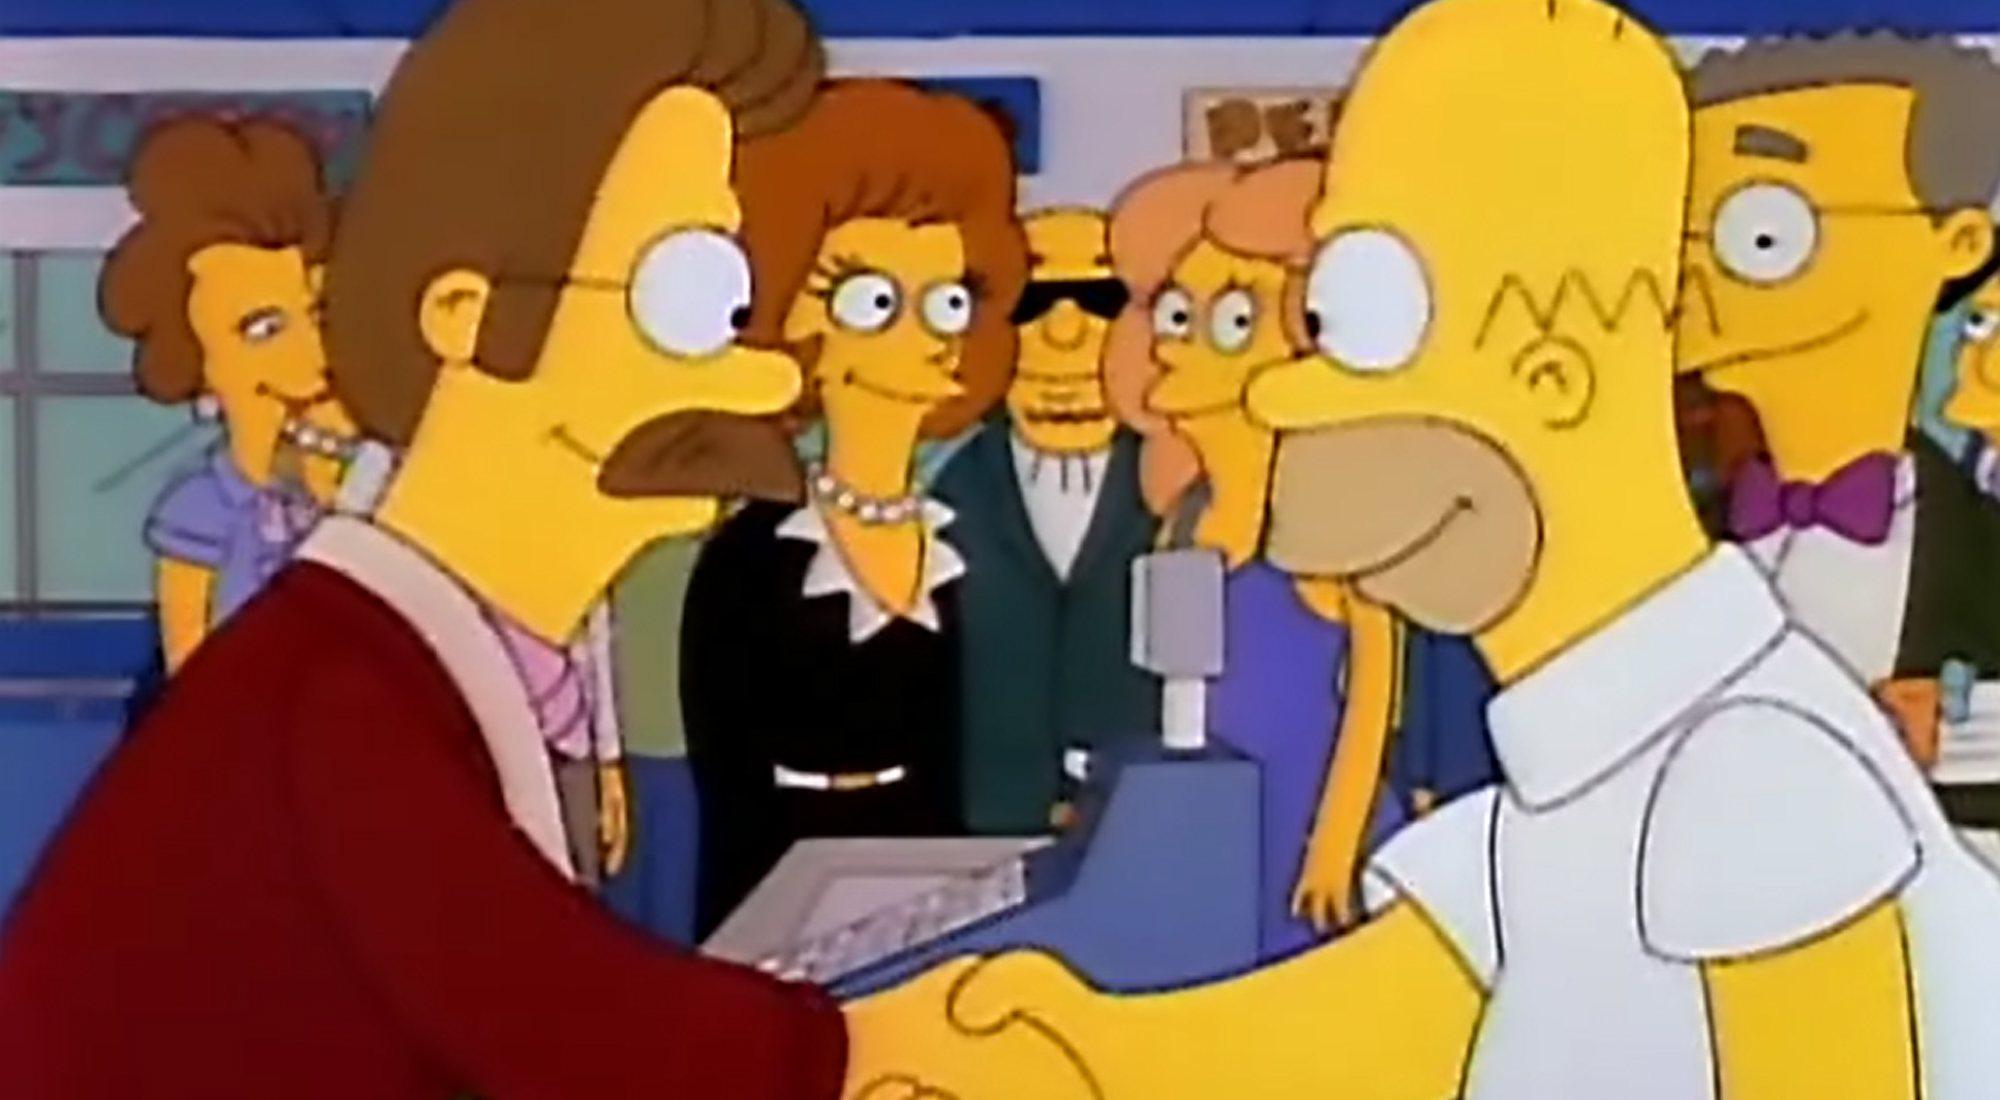 Flanders et Homer se réconcilient en 3x03 de 'The Simpsons'